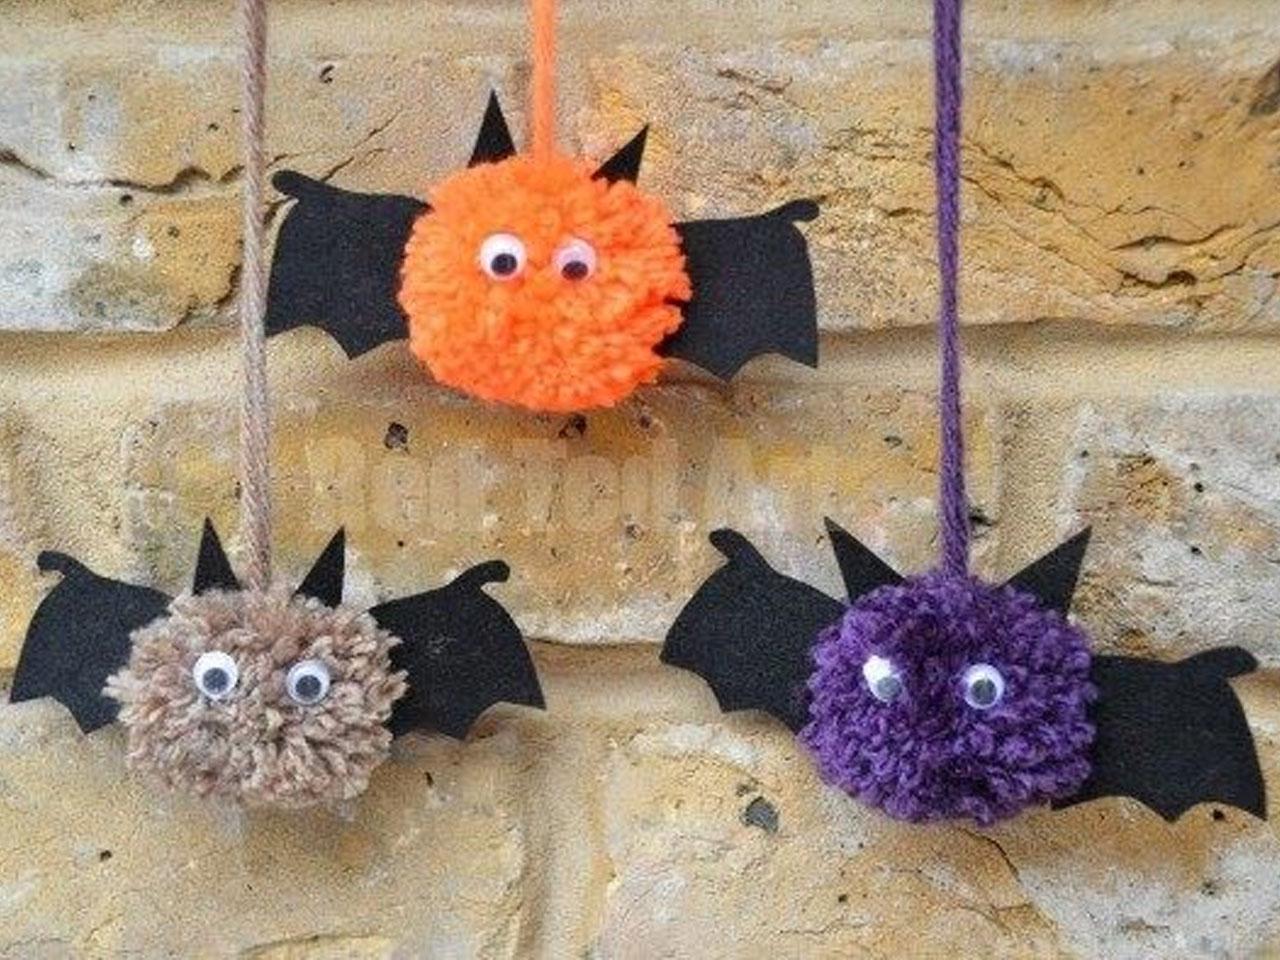 Las 8 mejores ideas para decorar en halloween - Ideas para hacer en halloween ...